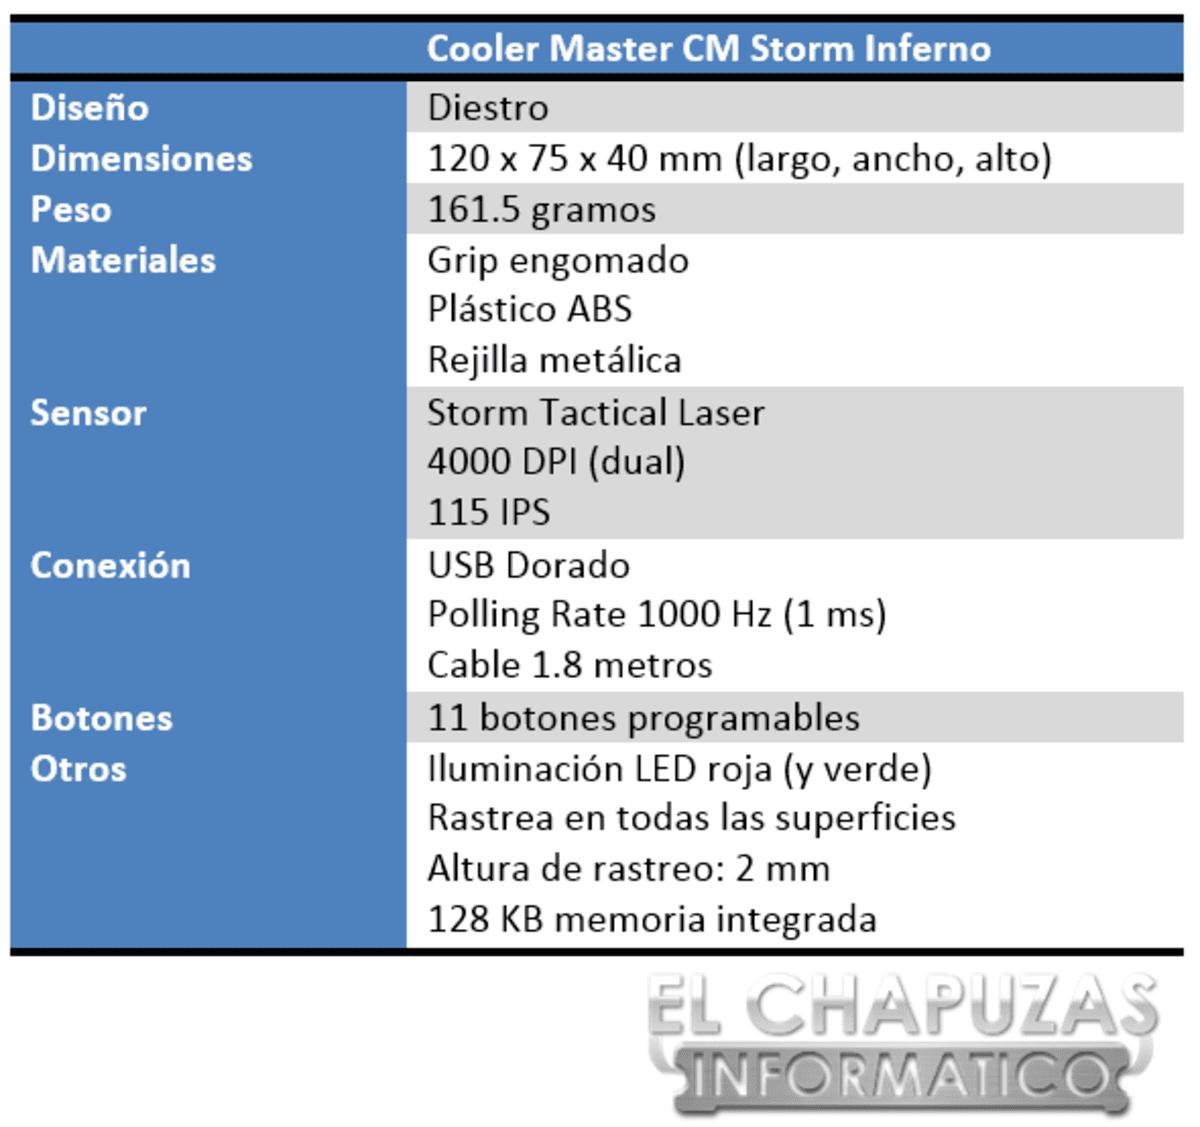 Cooler Master CM Storm Inferno Especificaciones 2